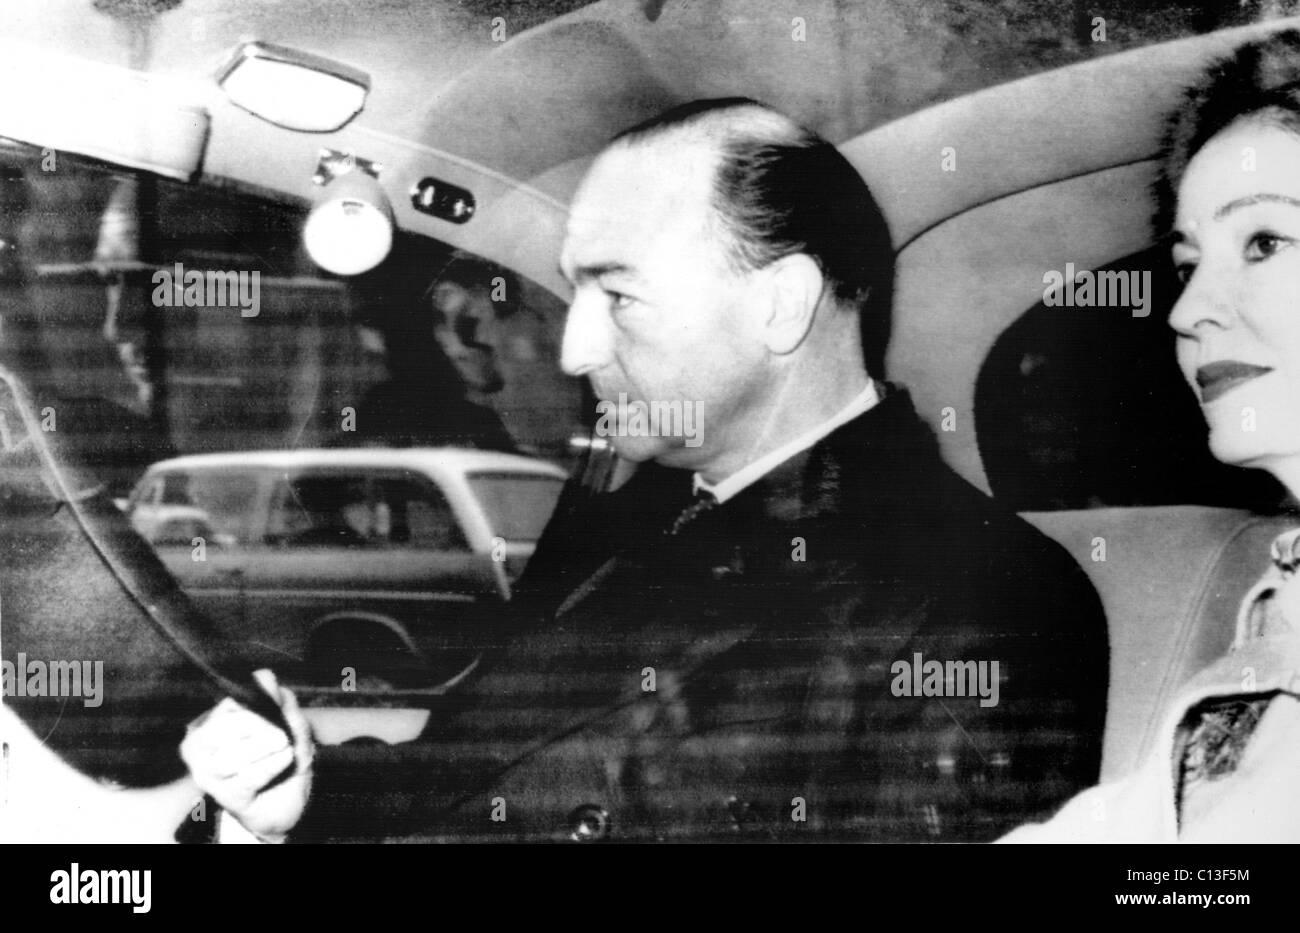 Il Ministro britannico della guerra John Profumo e la moglie Valerie Hobson arrivare in Parlamento in cui Profumo Foto Stock